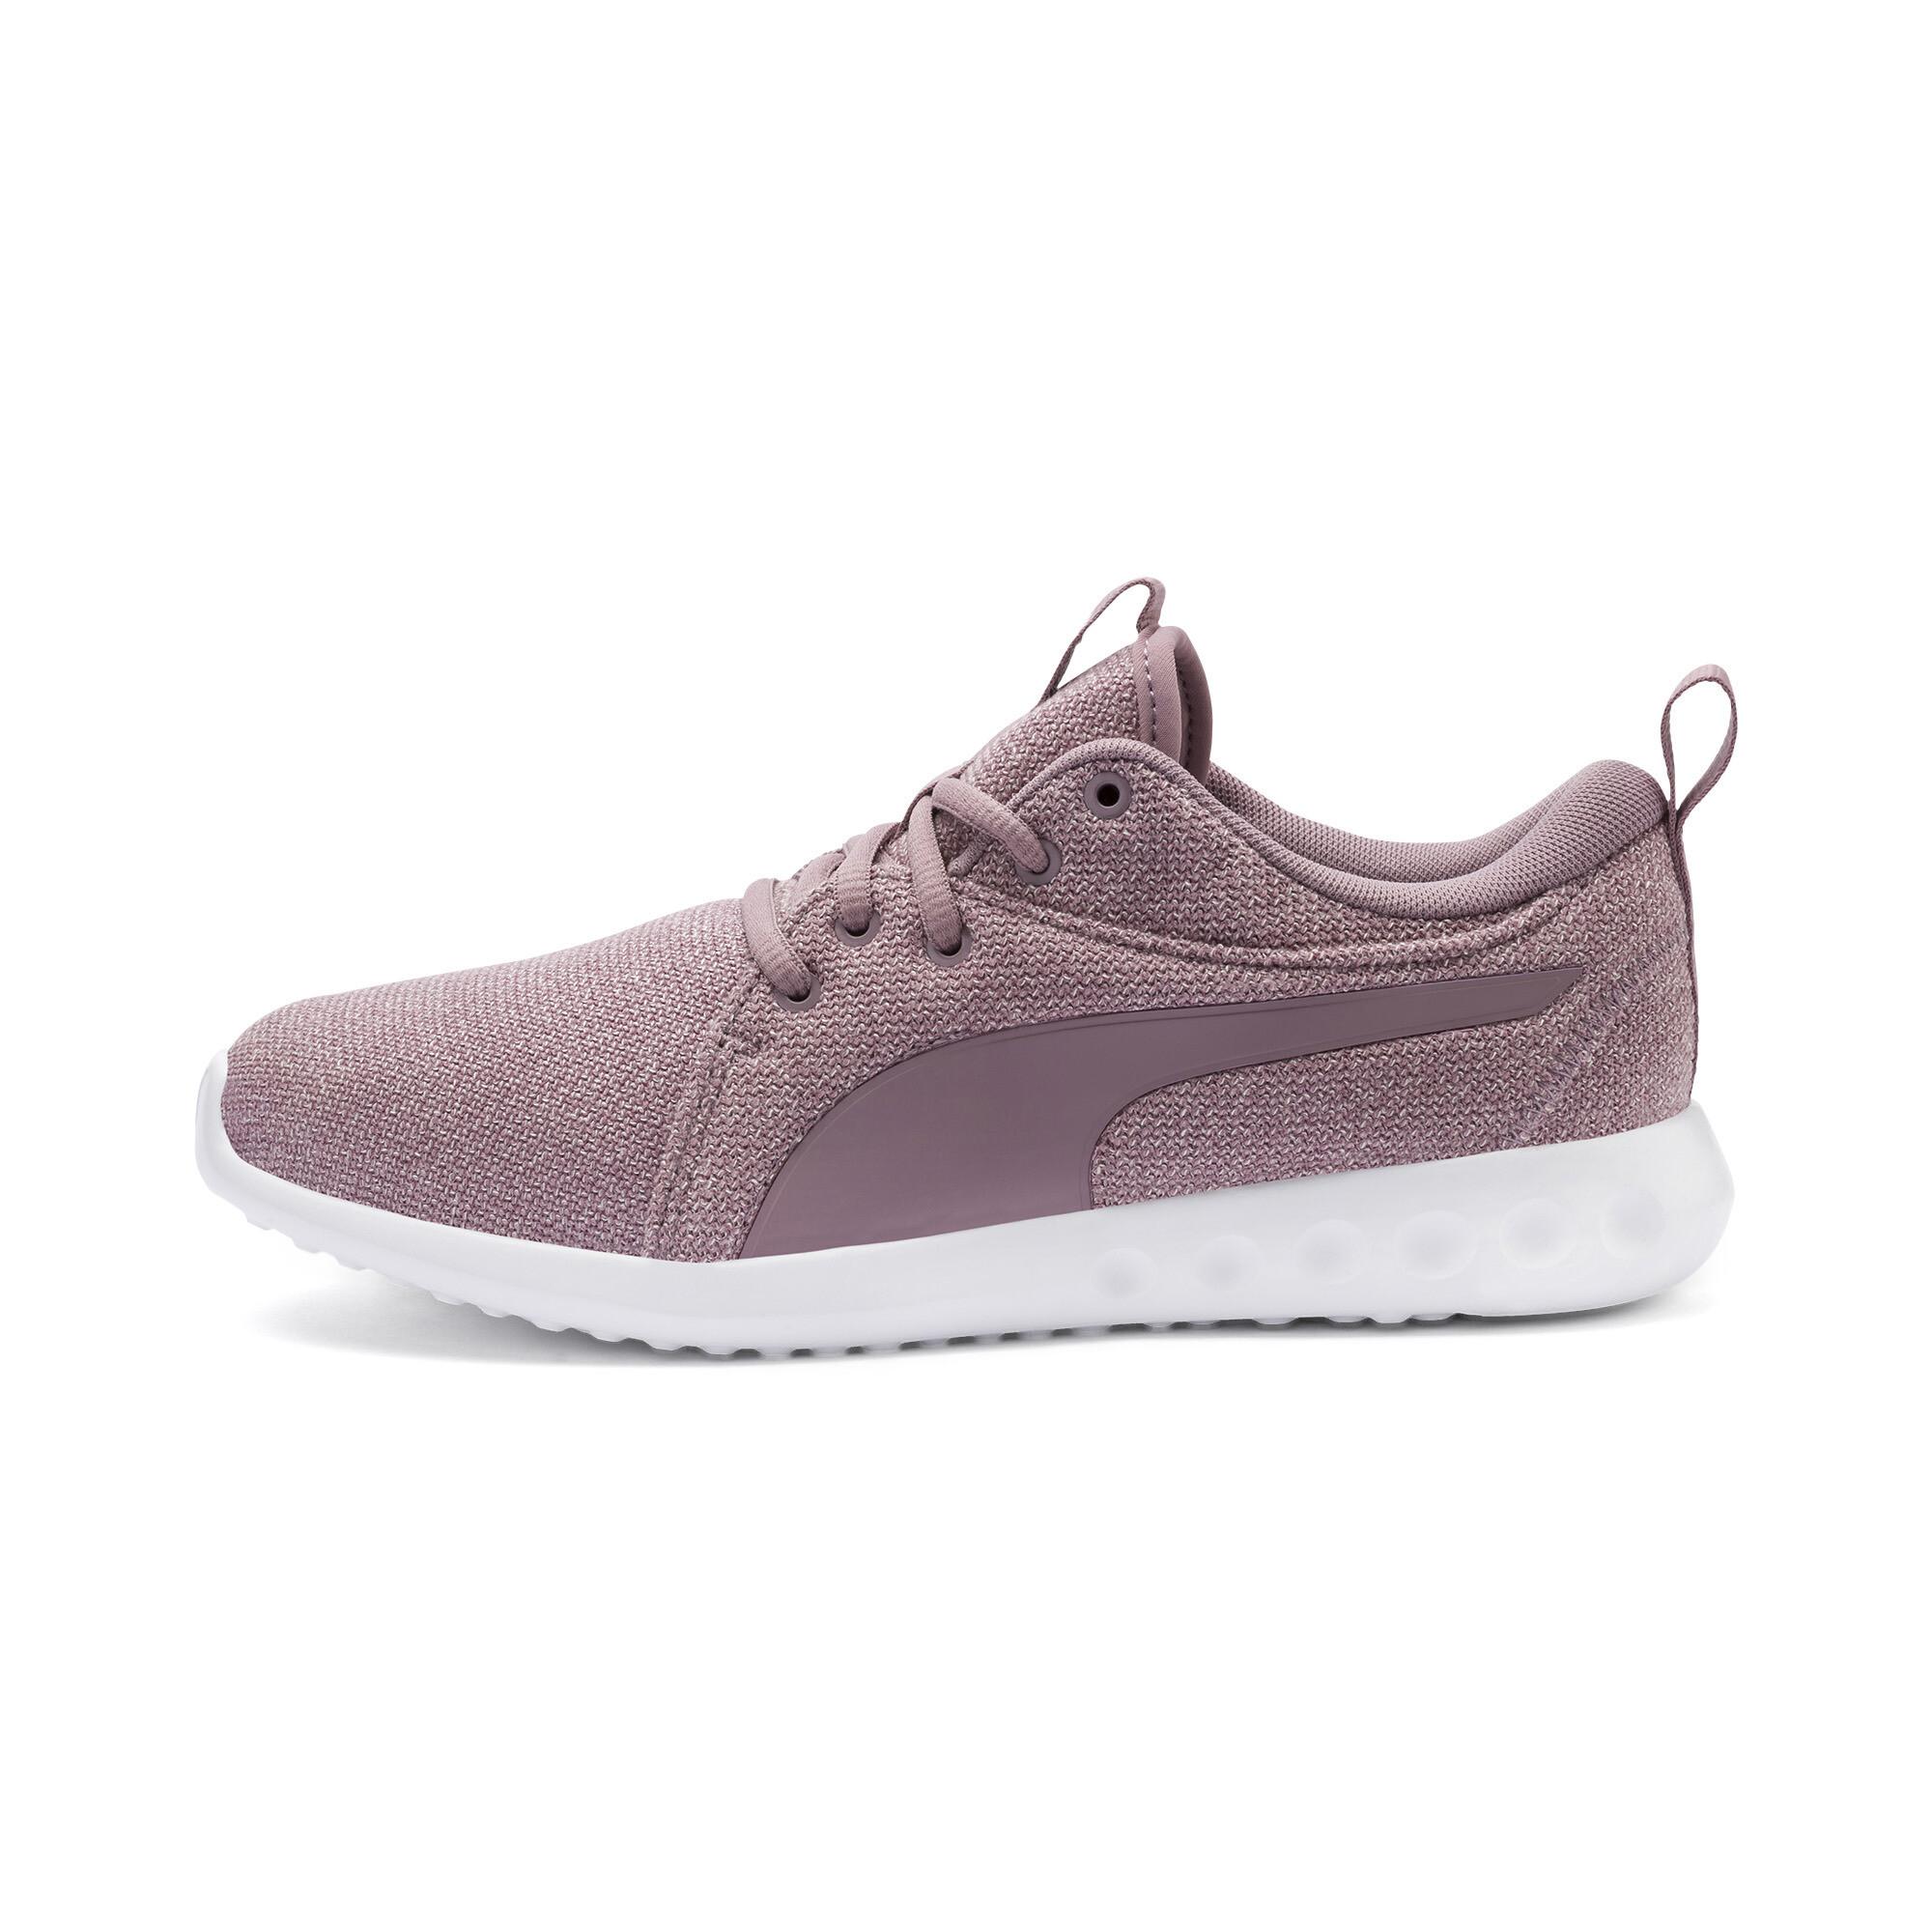 PUMA-Carson-2-Knit-Women-039-s-Running-Shoes-Women-Shoe-Running thumbnail 14